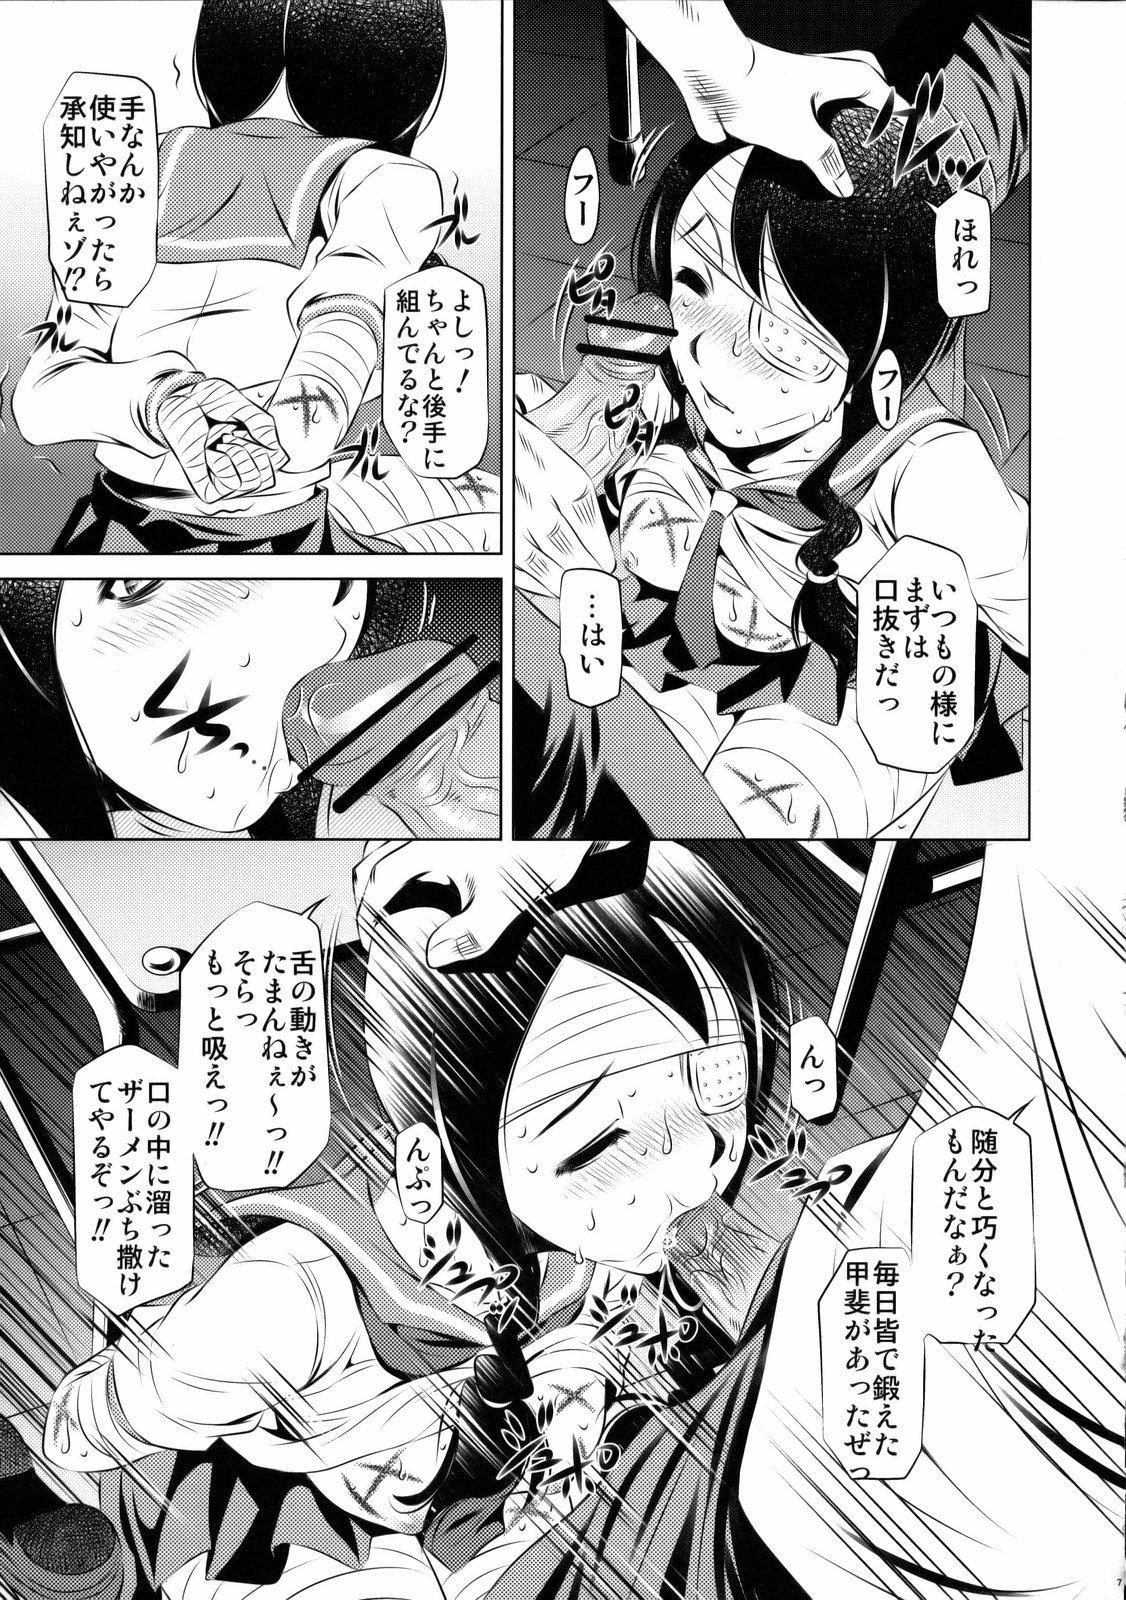 Sayonara Zetsubou Seito 5